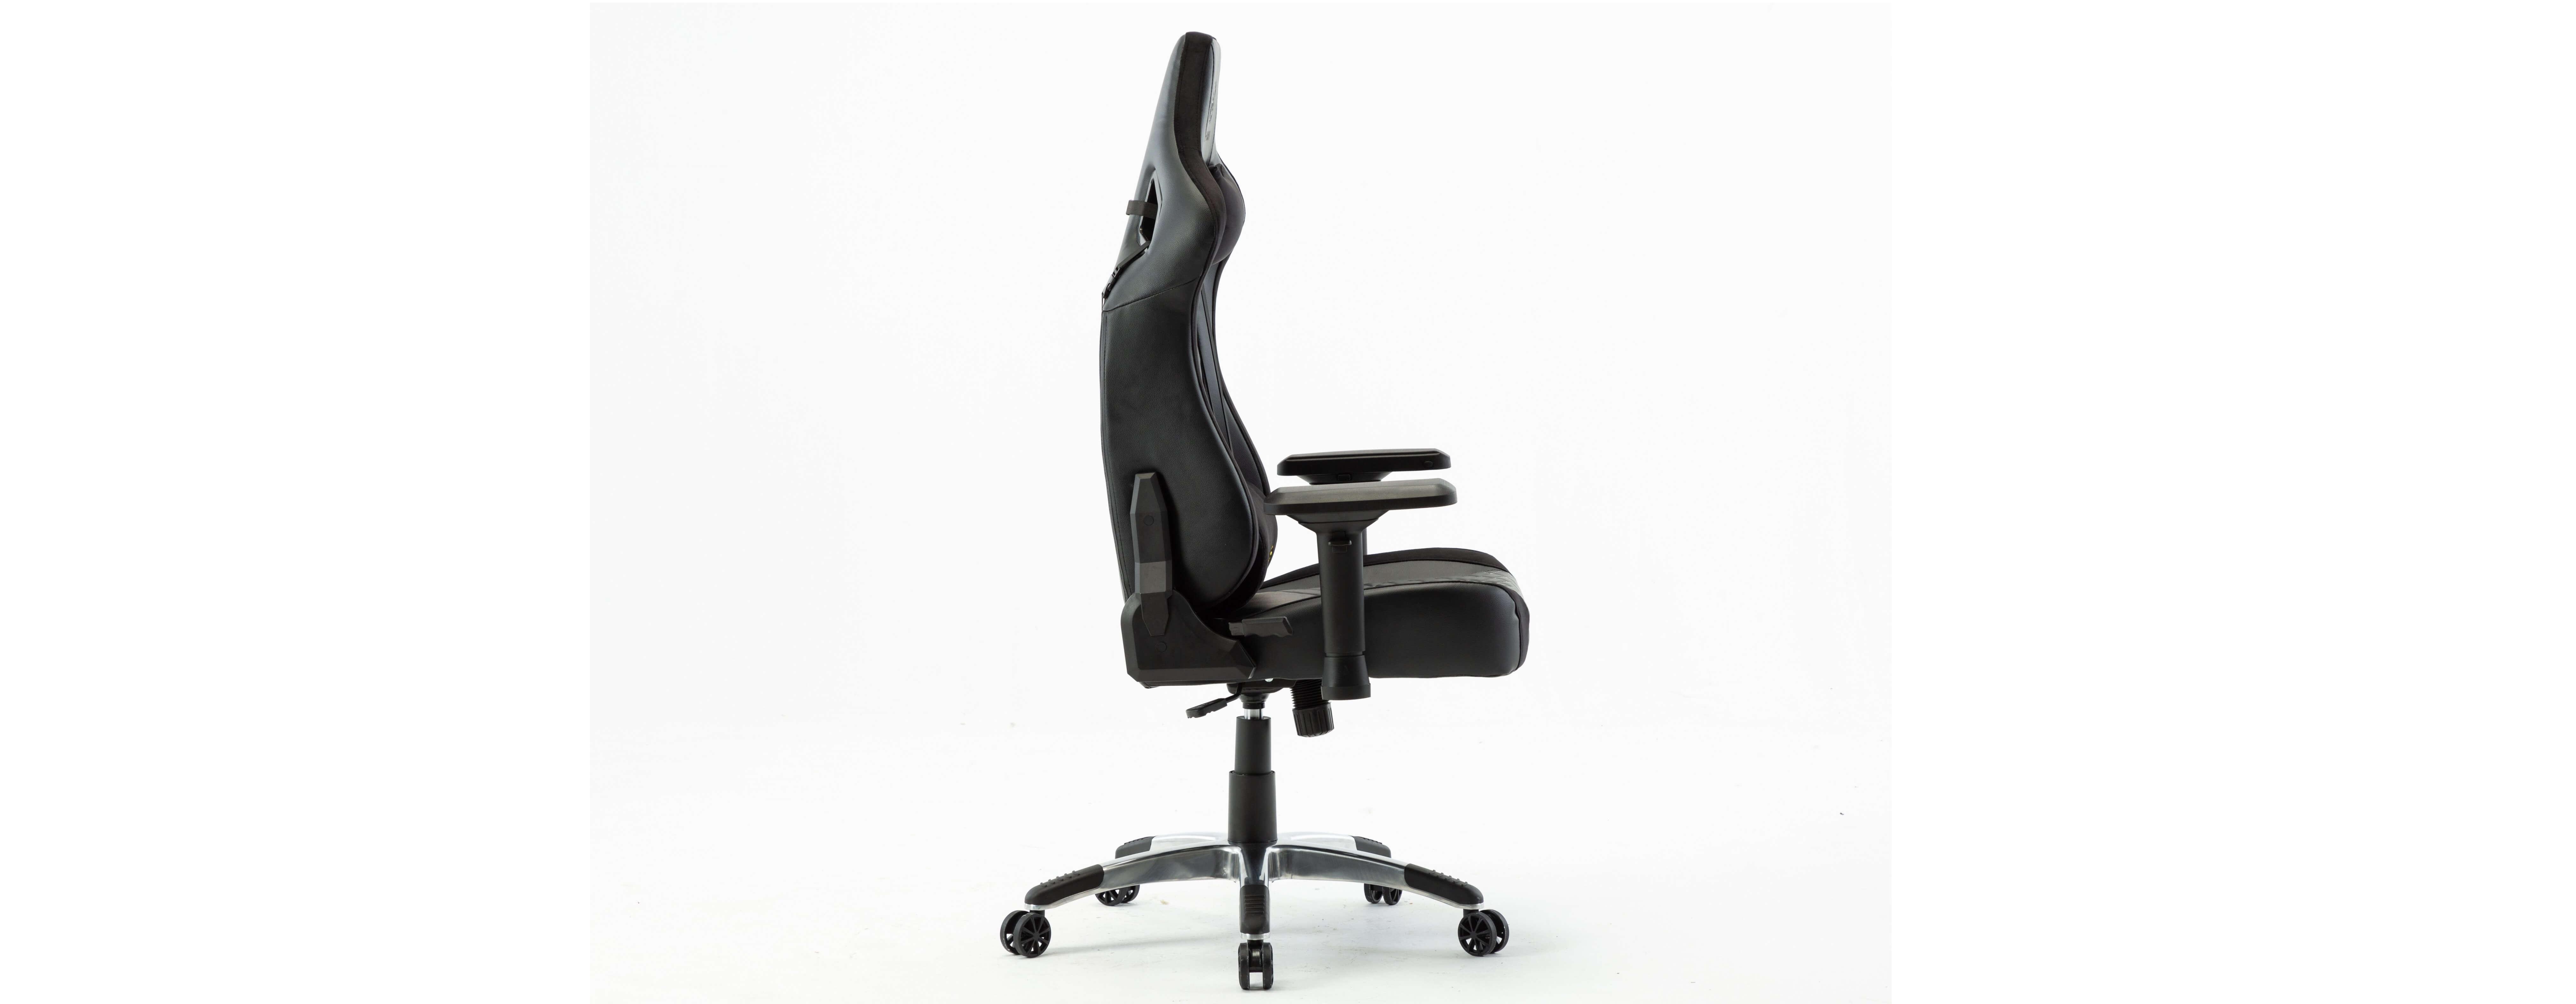 Ghế gamer E-Dra Hercules EGC203 Pro có thiết kế công thái học